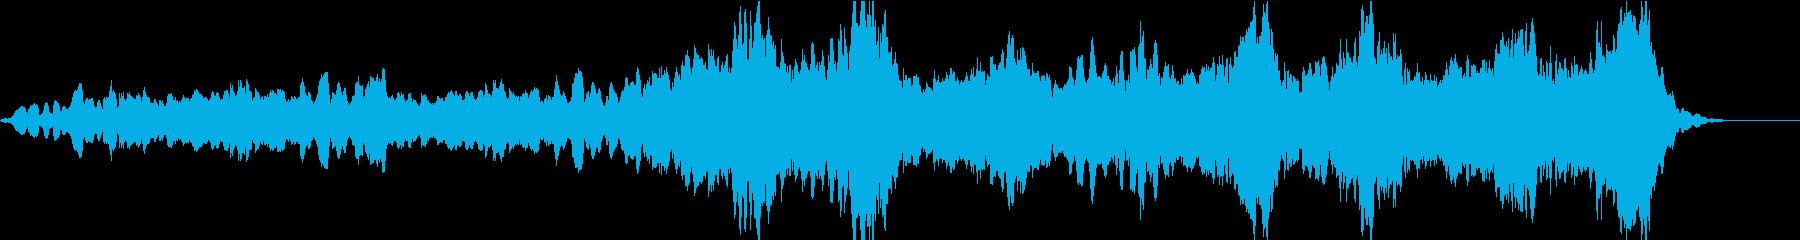 男女のコーラスが特徴のバラードの再生済みの波形